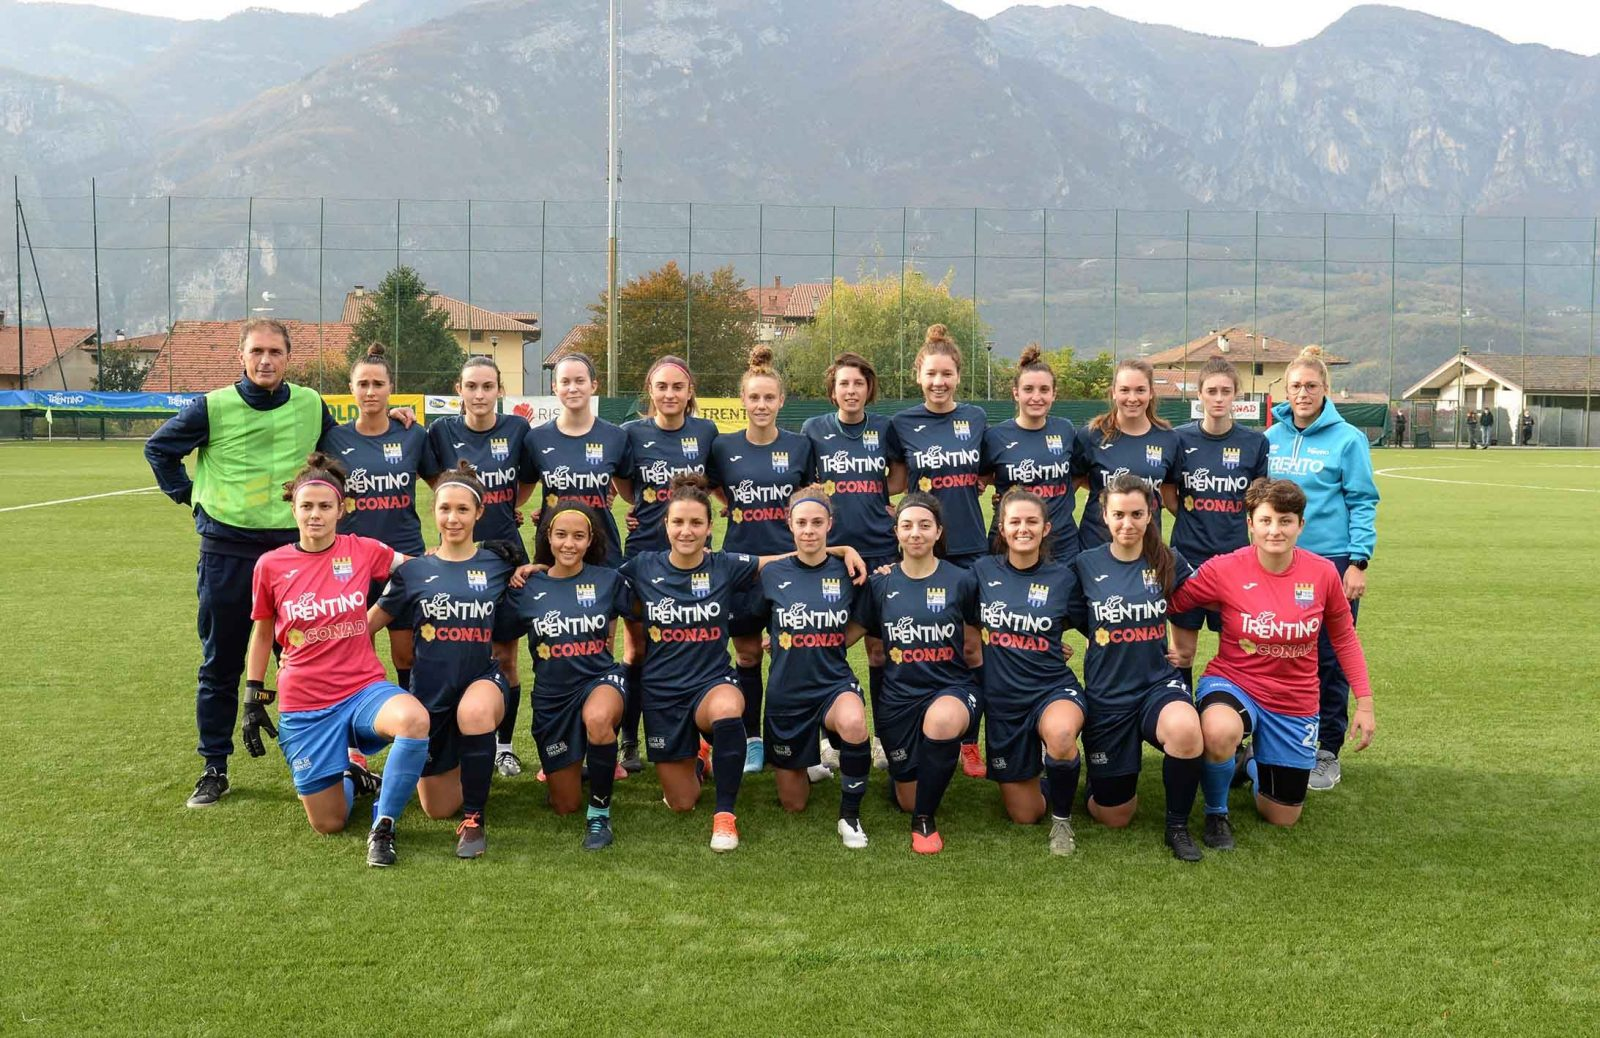 Trento Calcio Femminile_foto di squadra